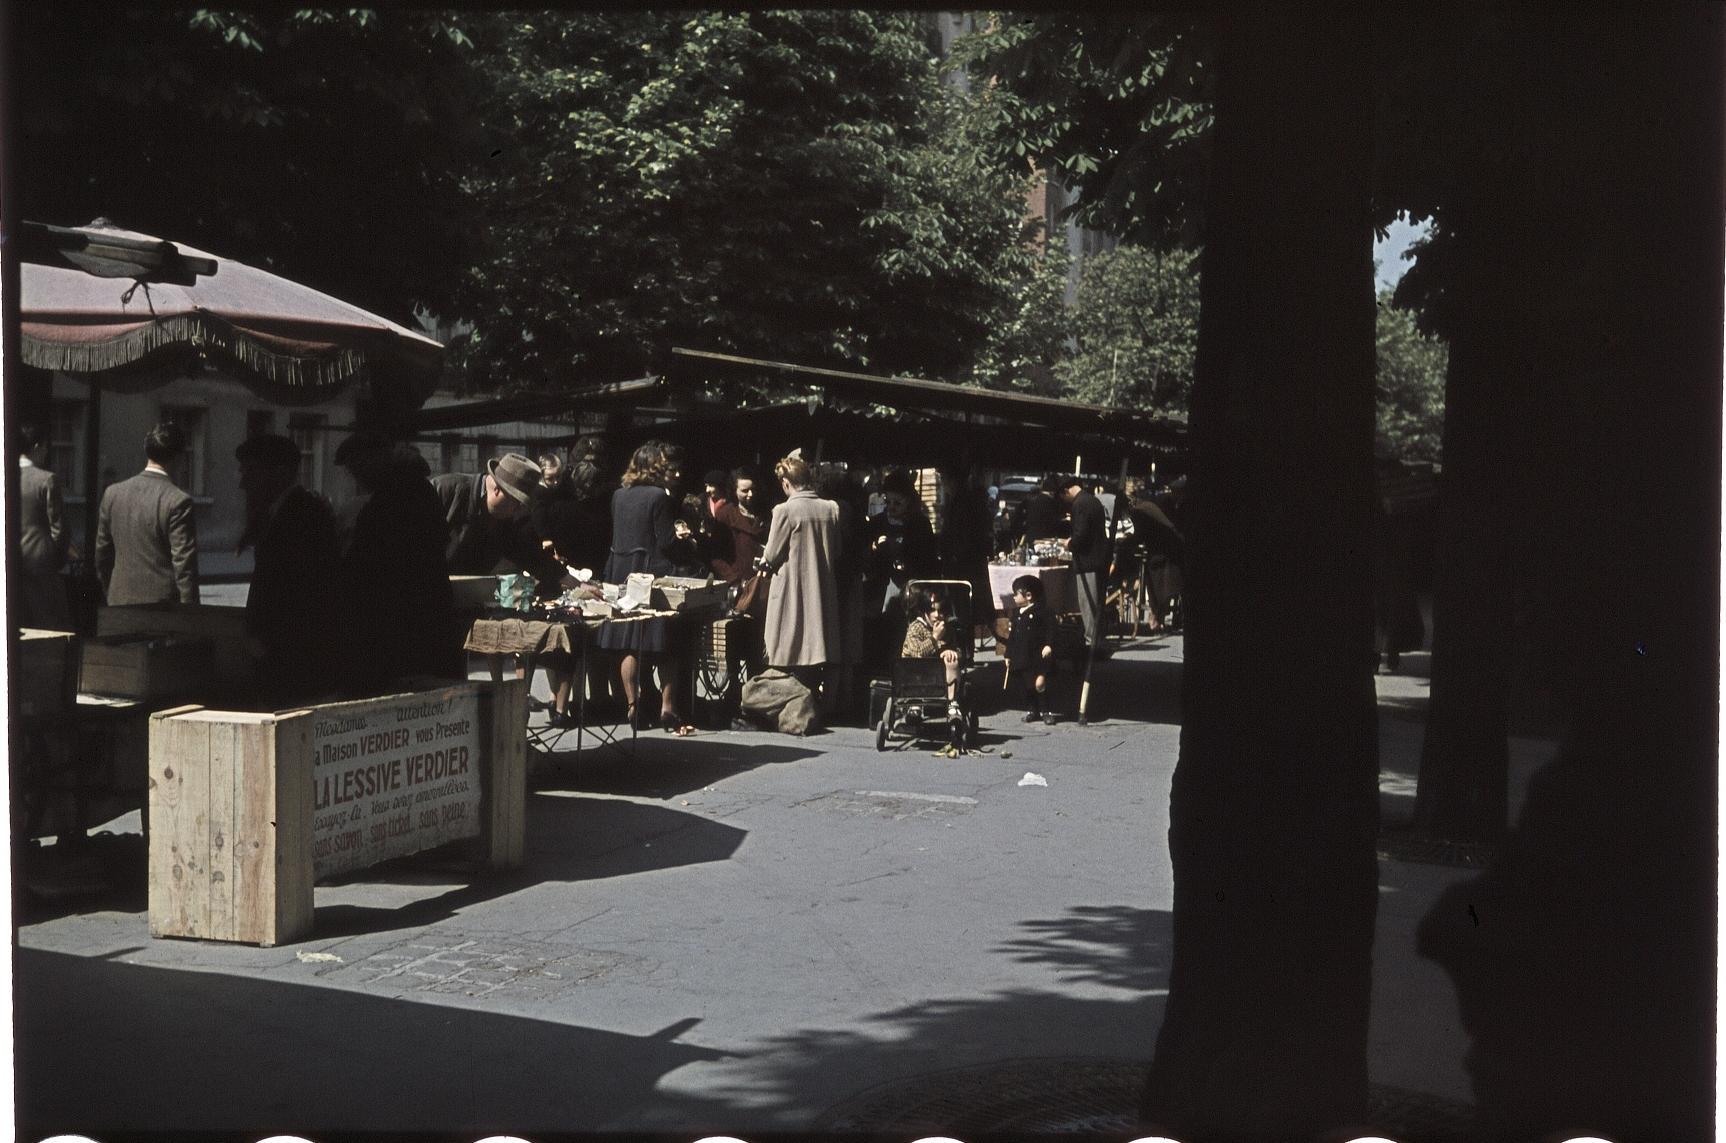 Небольшой рынок в Венсене